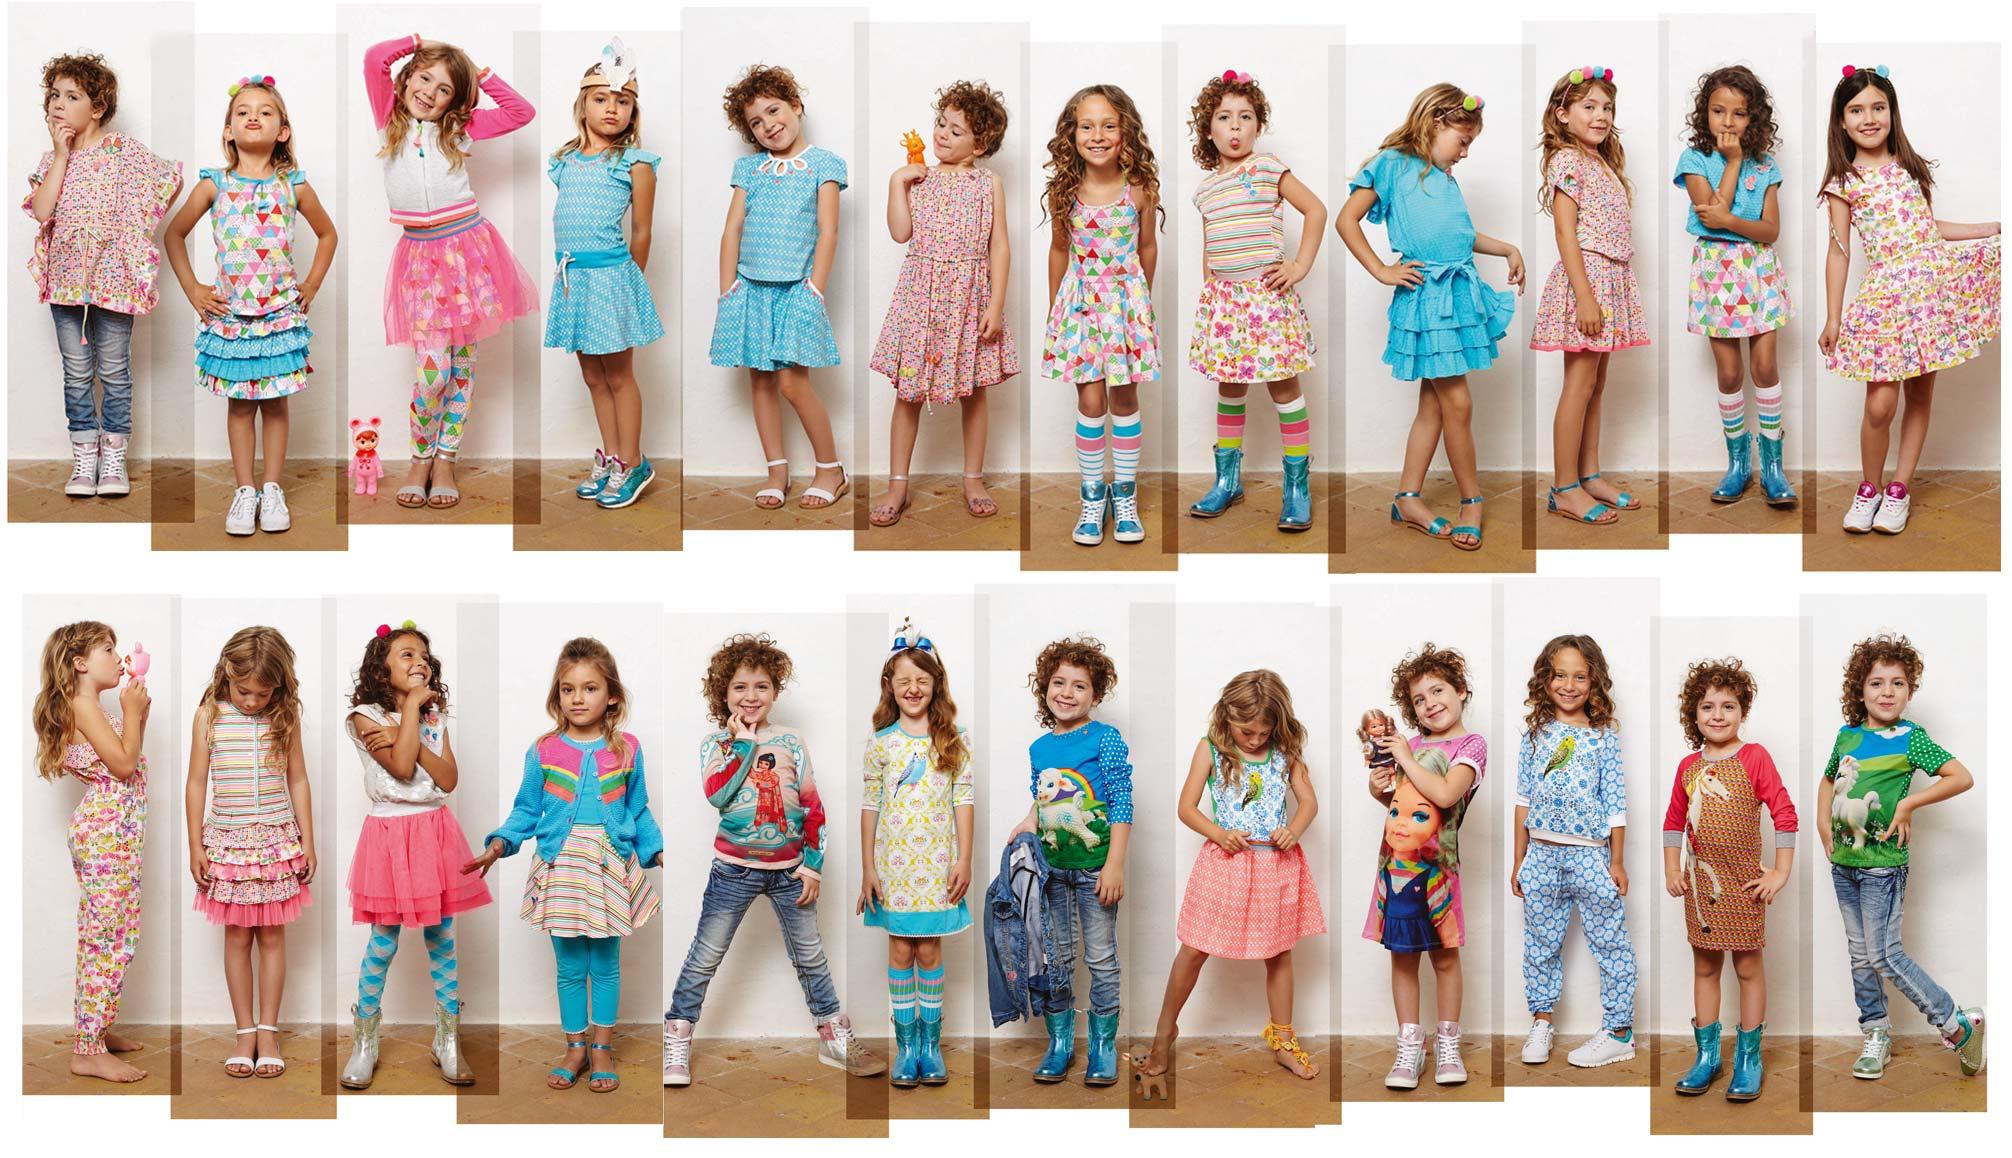 Marke Kinderkleidung,Kinderkleidung, Marke, Holland, Mädchen, Kleidchen, Niederlande